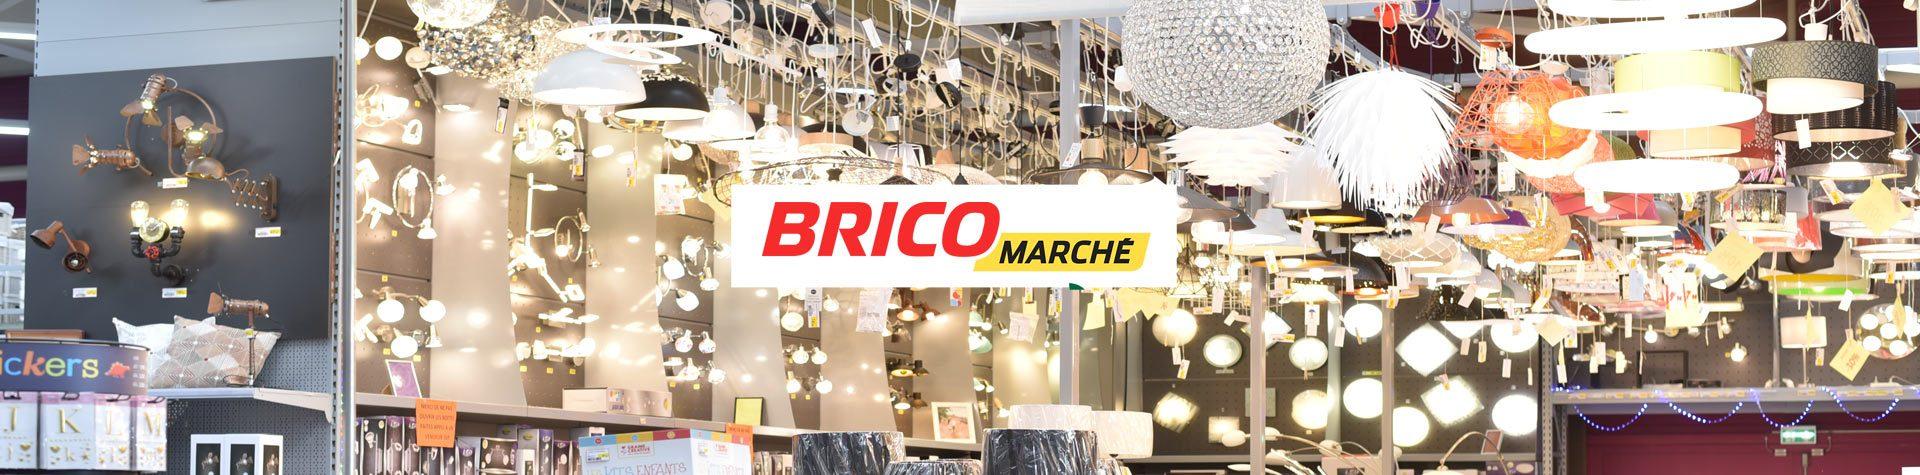 Photo bannière avec logo Bricomarché